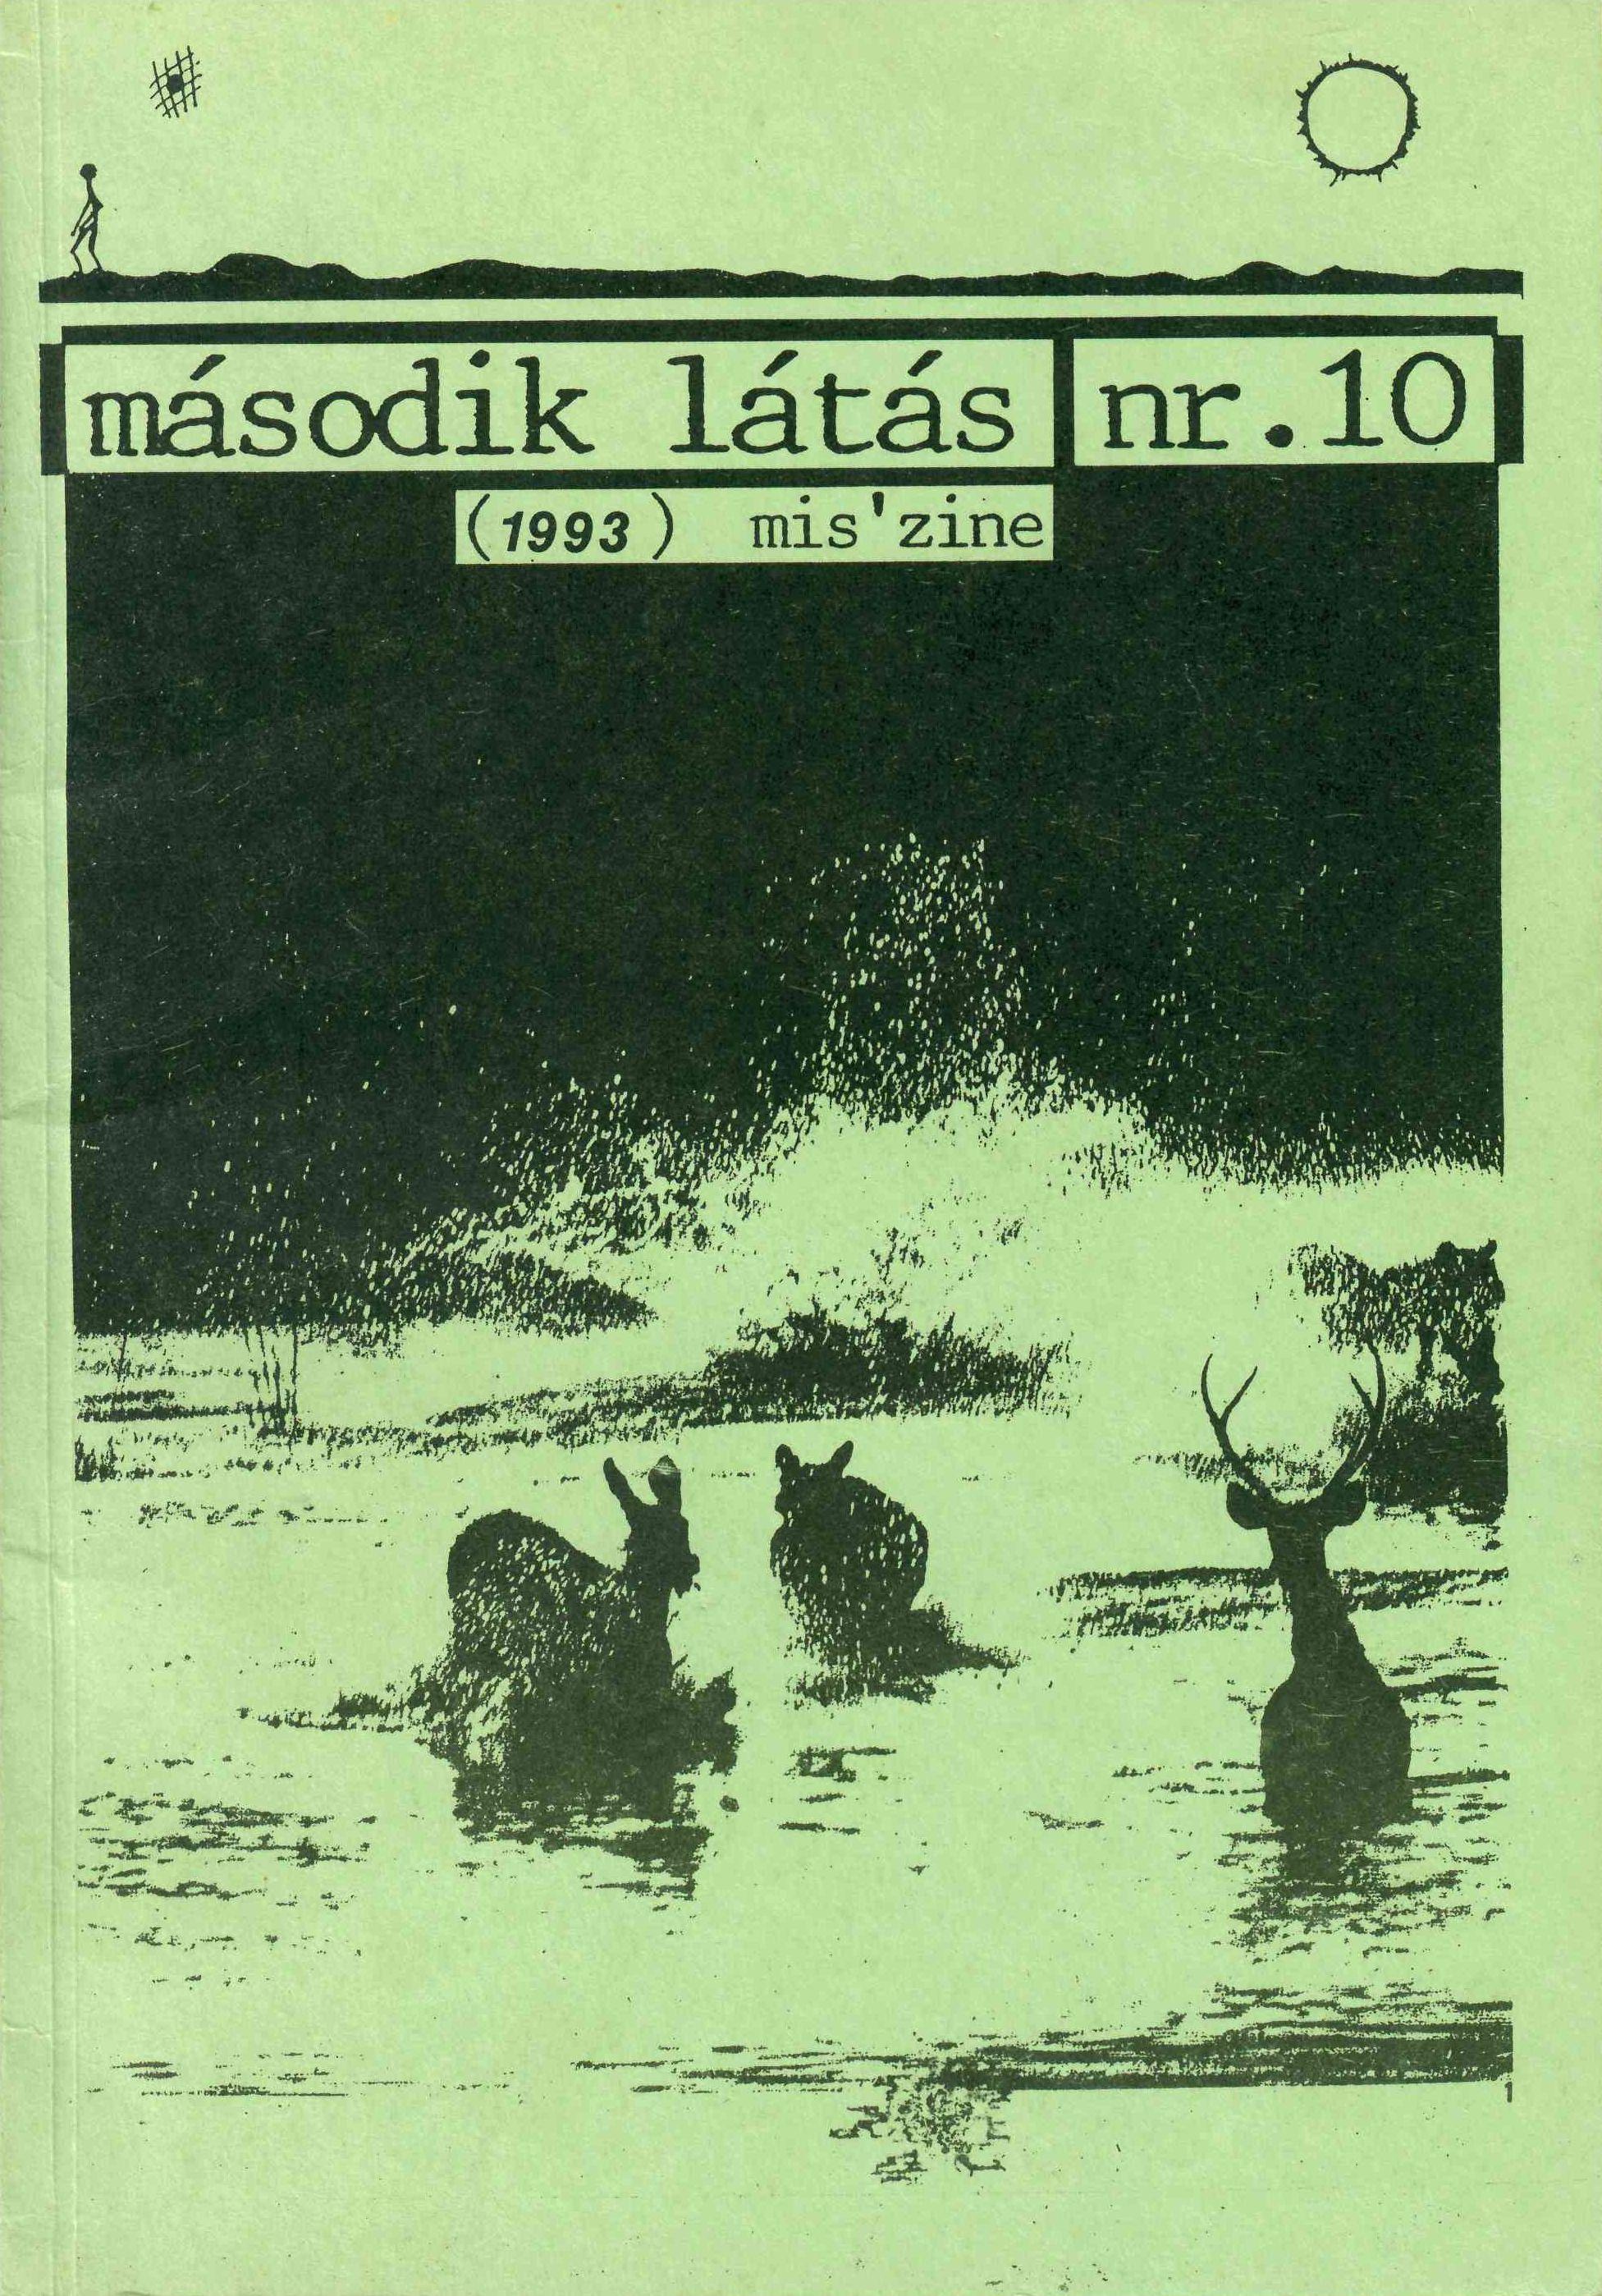 masodiklatas-10_1993.jpg